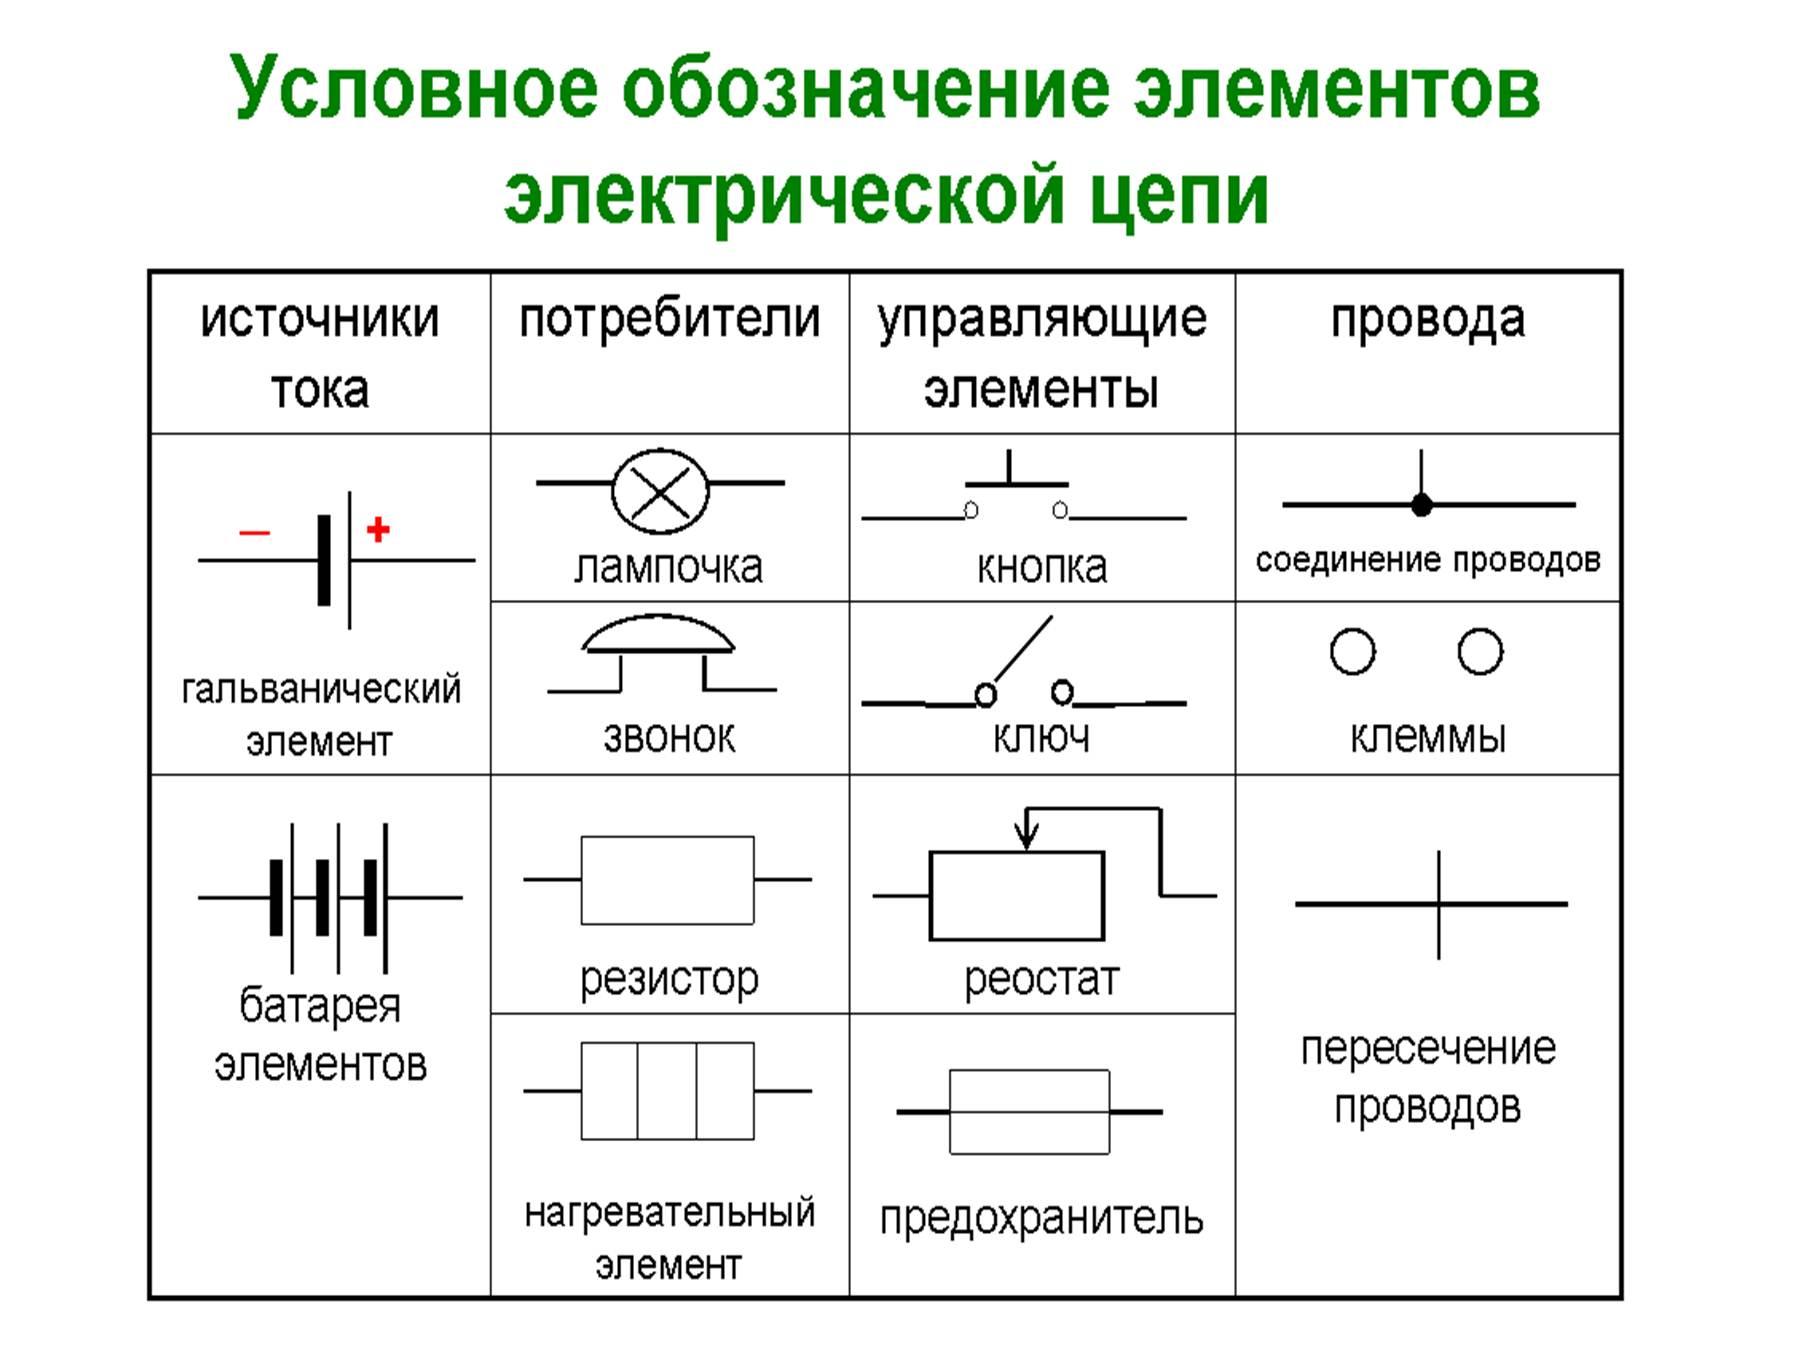 Обозначения на электрических схемах кнопка